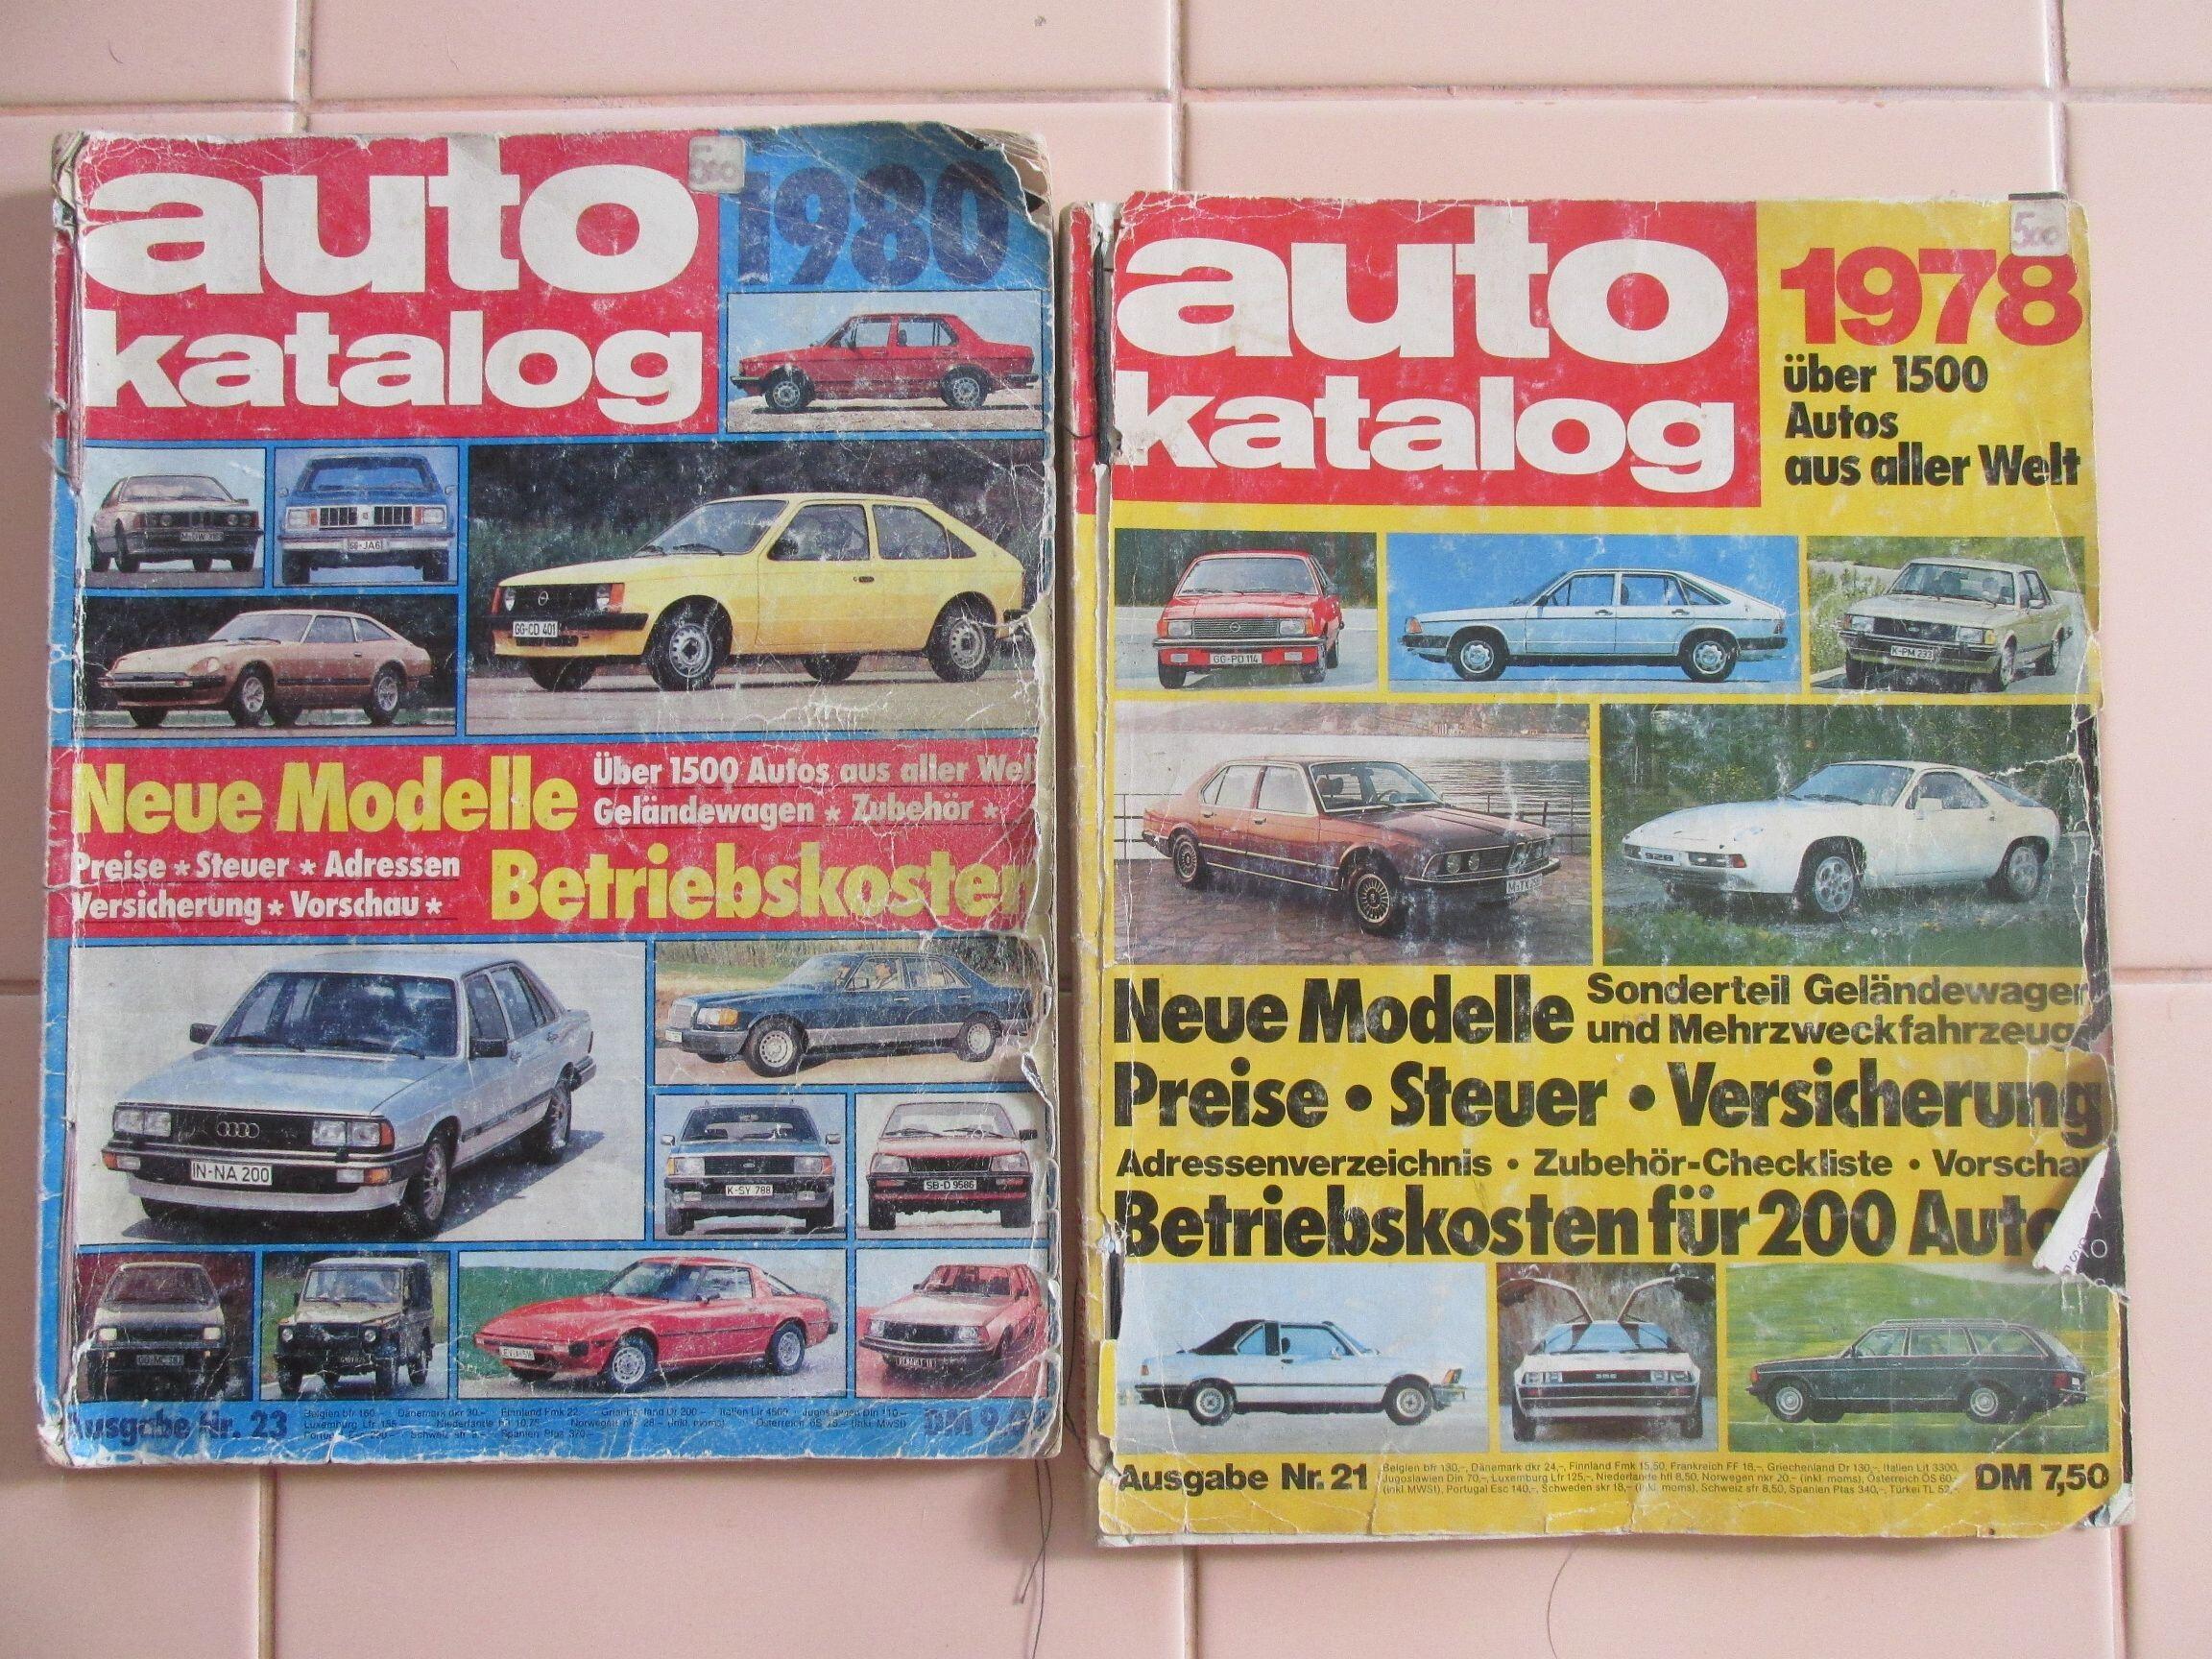 Цены на советские и европейские автомобили конца восьмидесятых